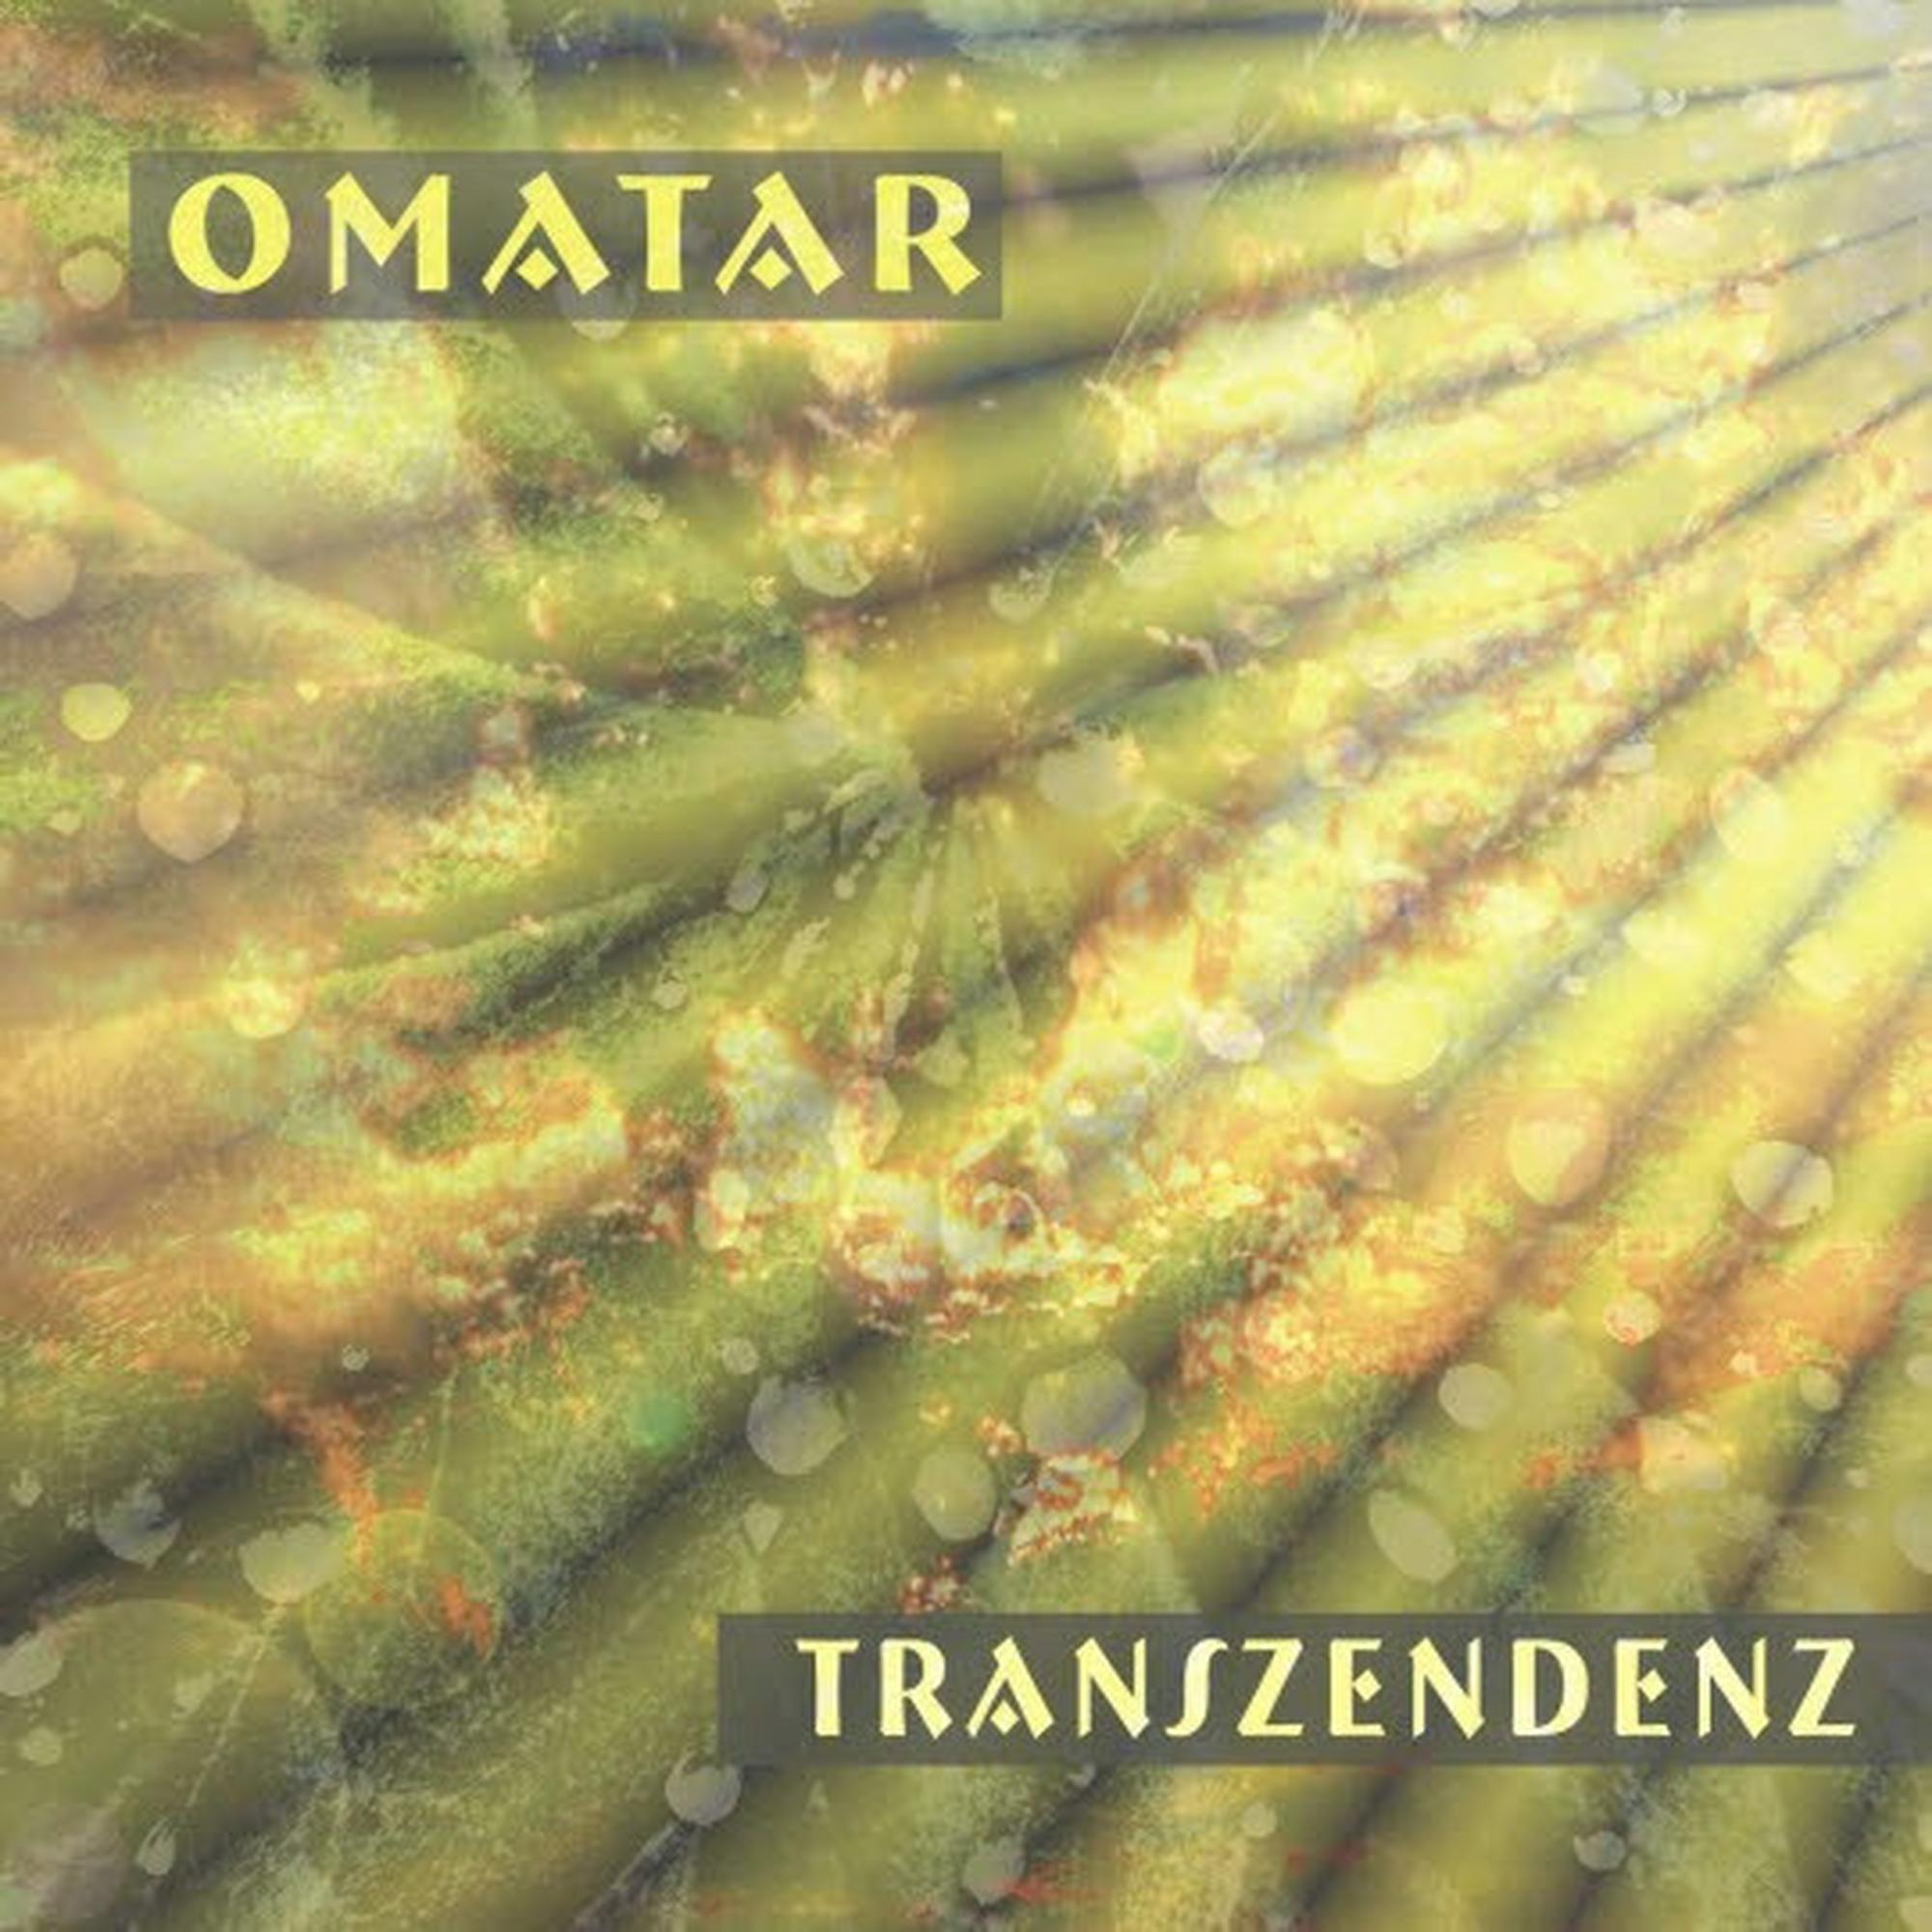 Omatar-Transzendenz